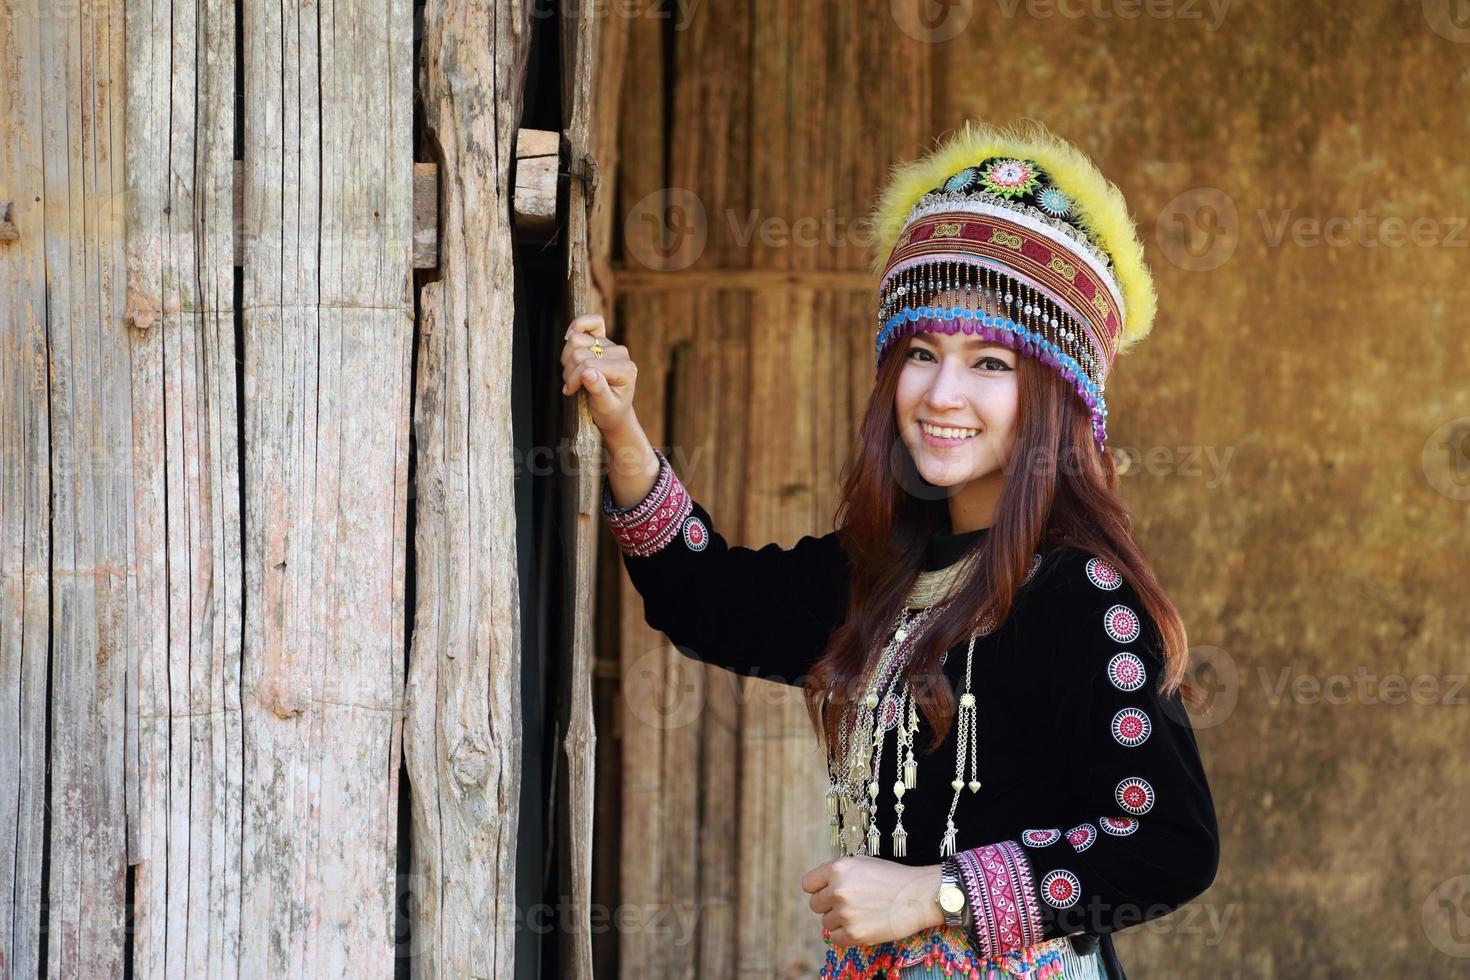 traditionellt klädd mhong hill stam kvinna foto